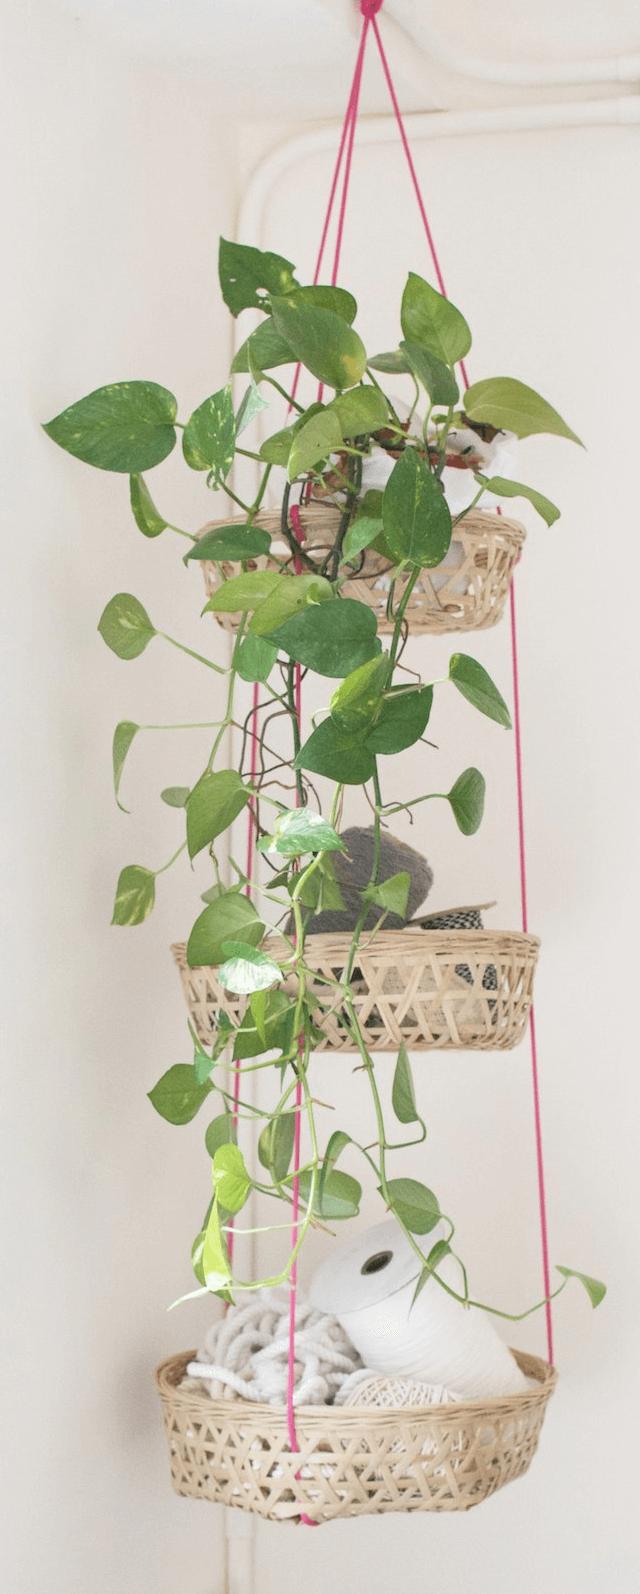 Muurverf Voor De Badkamer ~   de vensterbank of verschillende planten in de badkamer bij elkaar op